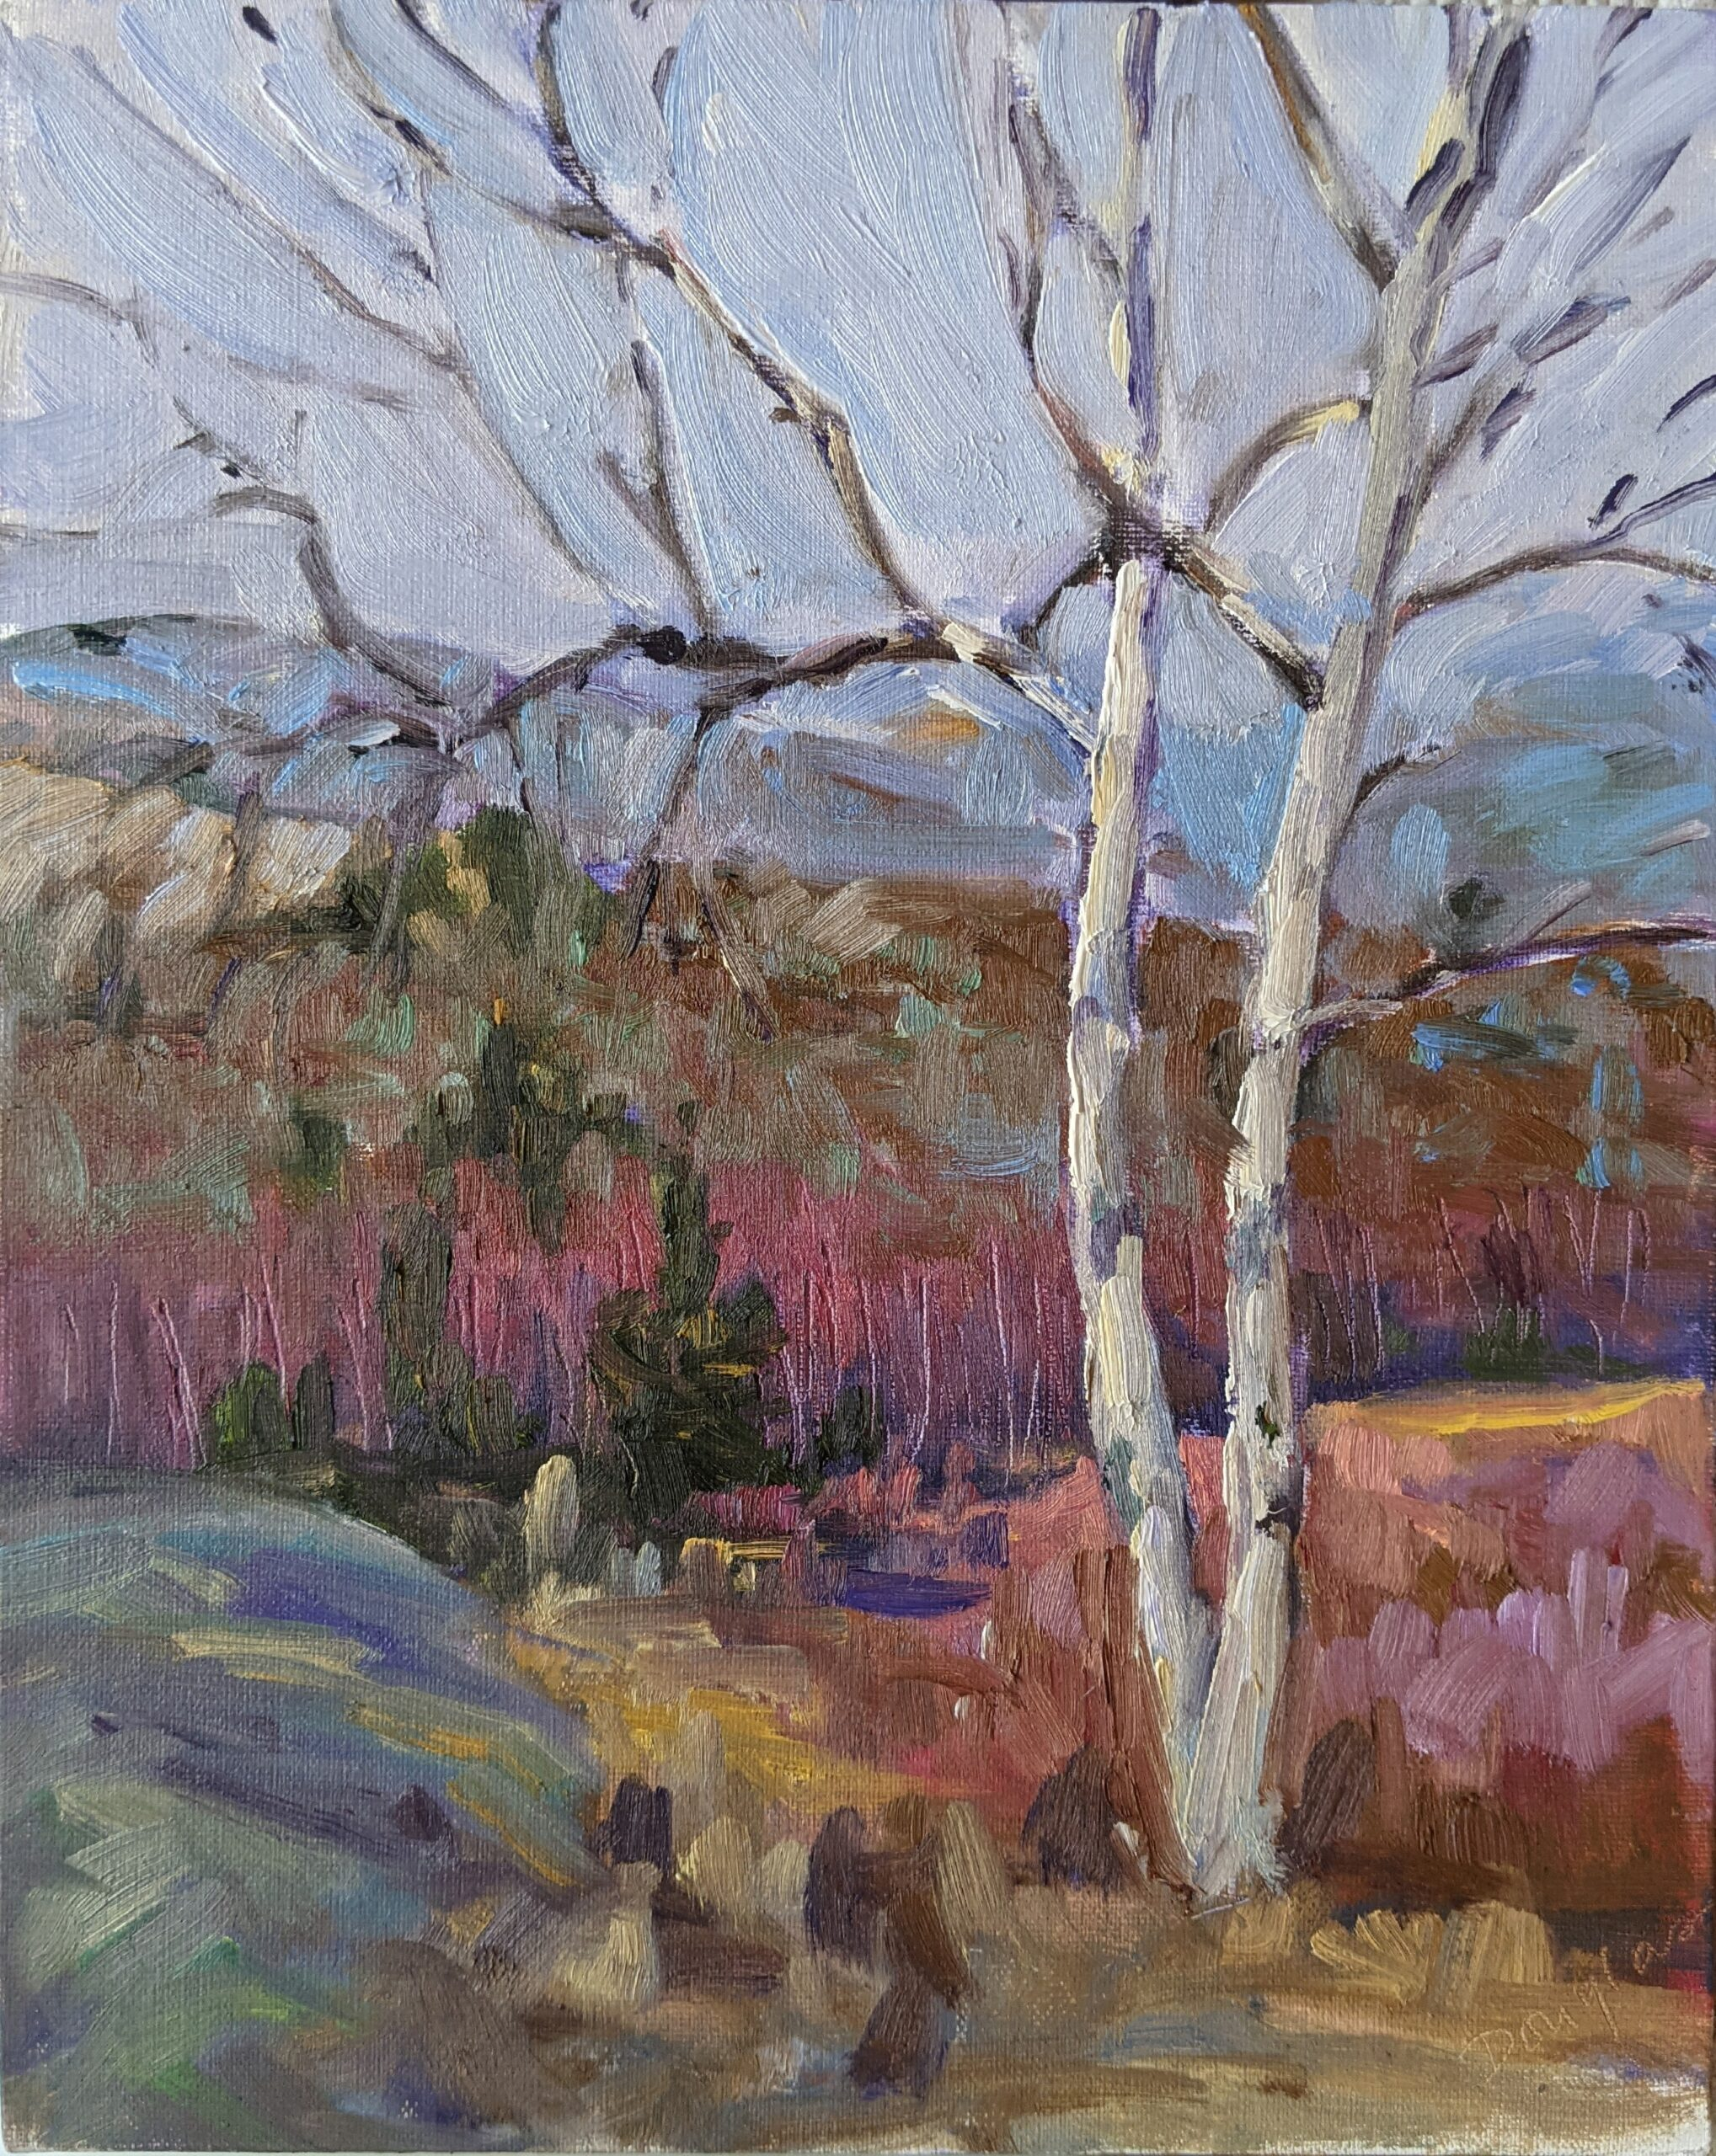 Early Spring, Beech Hill, 8X10, oil on canvasboard, $522 unframed,